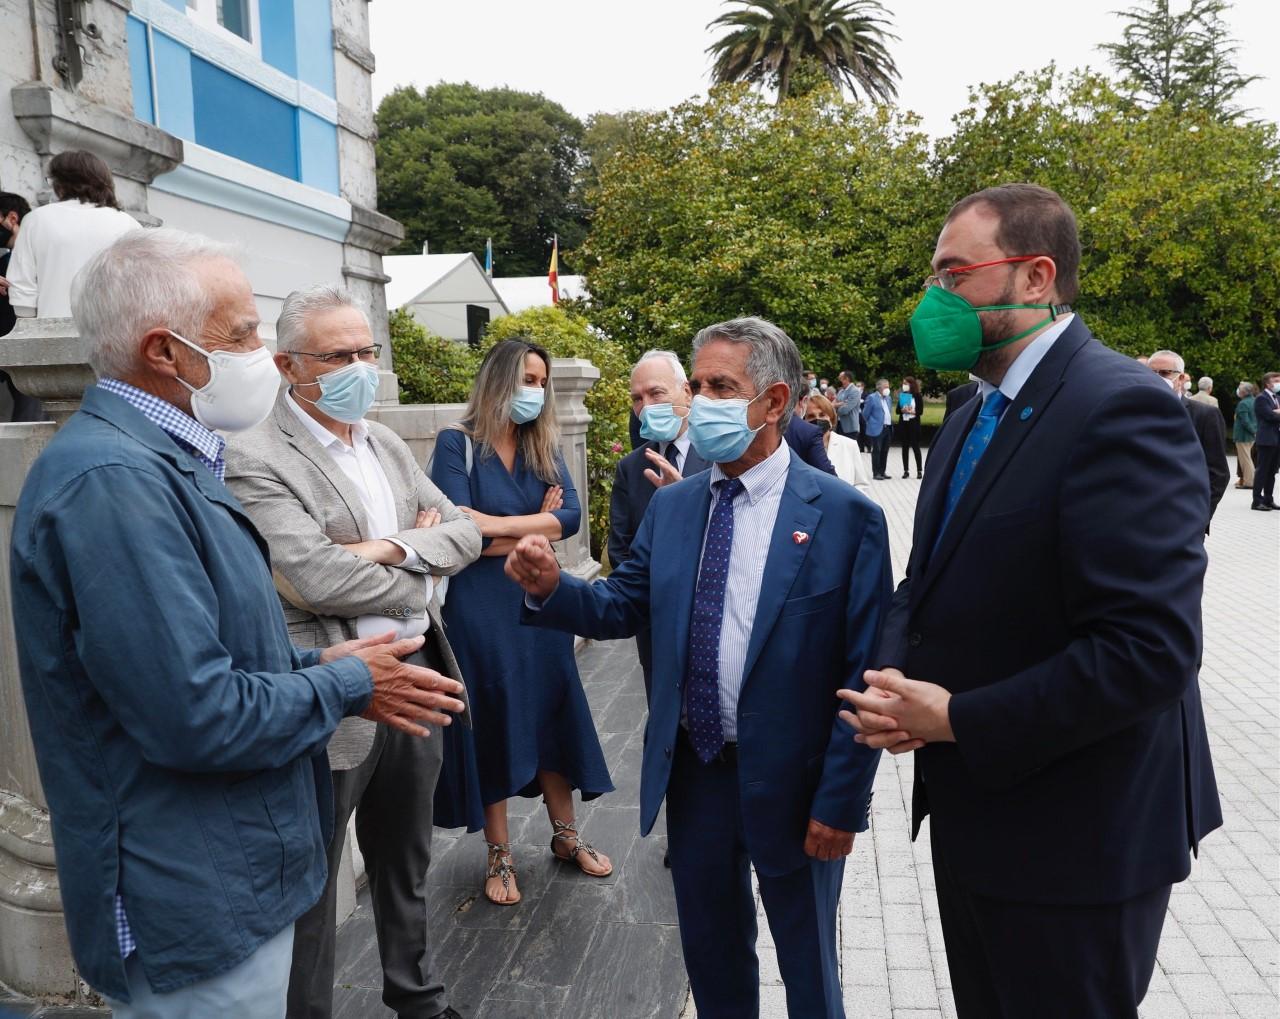 Asturias y Cantabria refuerzan lazos en Colombres y piden la colaboración de sus emigrantes para reanimar la economía